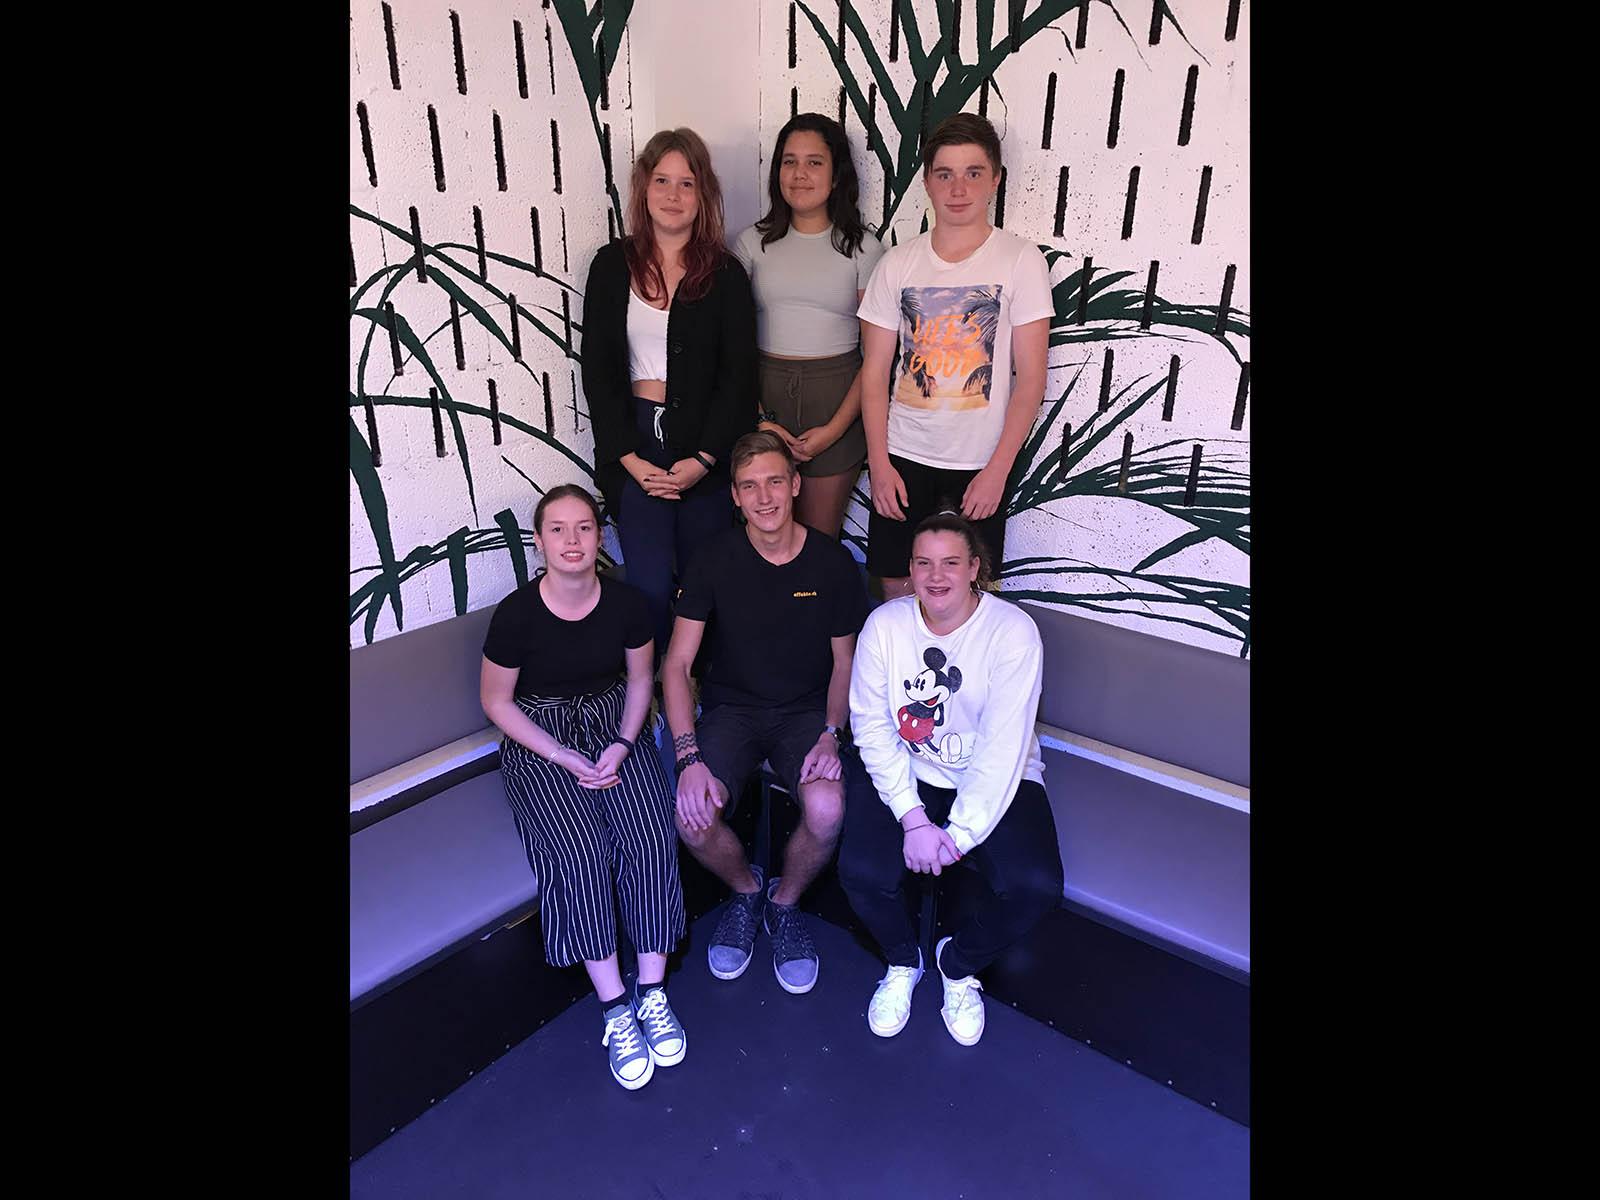 Das OK: (hinten v.l.n.r) Leonie, Eva, Remo, (vorne) Carmina, Kelvin und Gioia. Es fehlen: Lara und Michelle. (Foto:zvg)